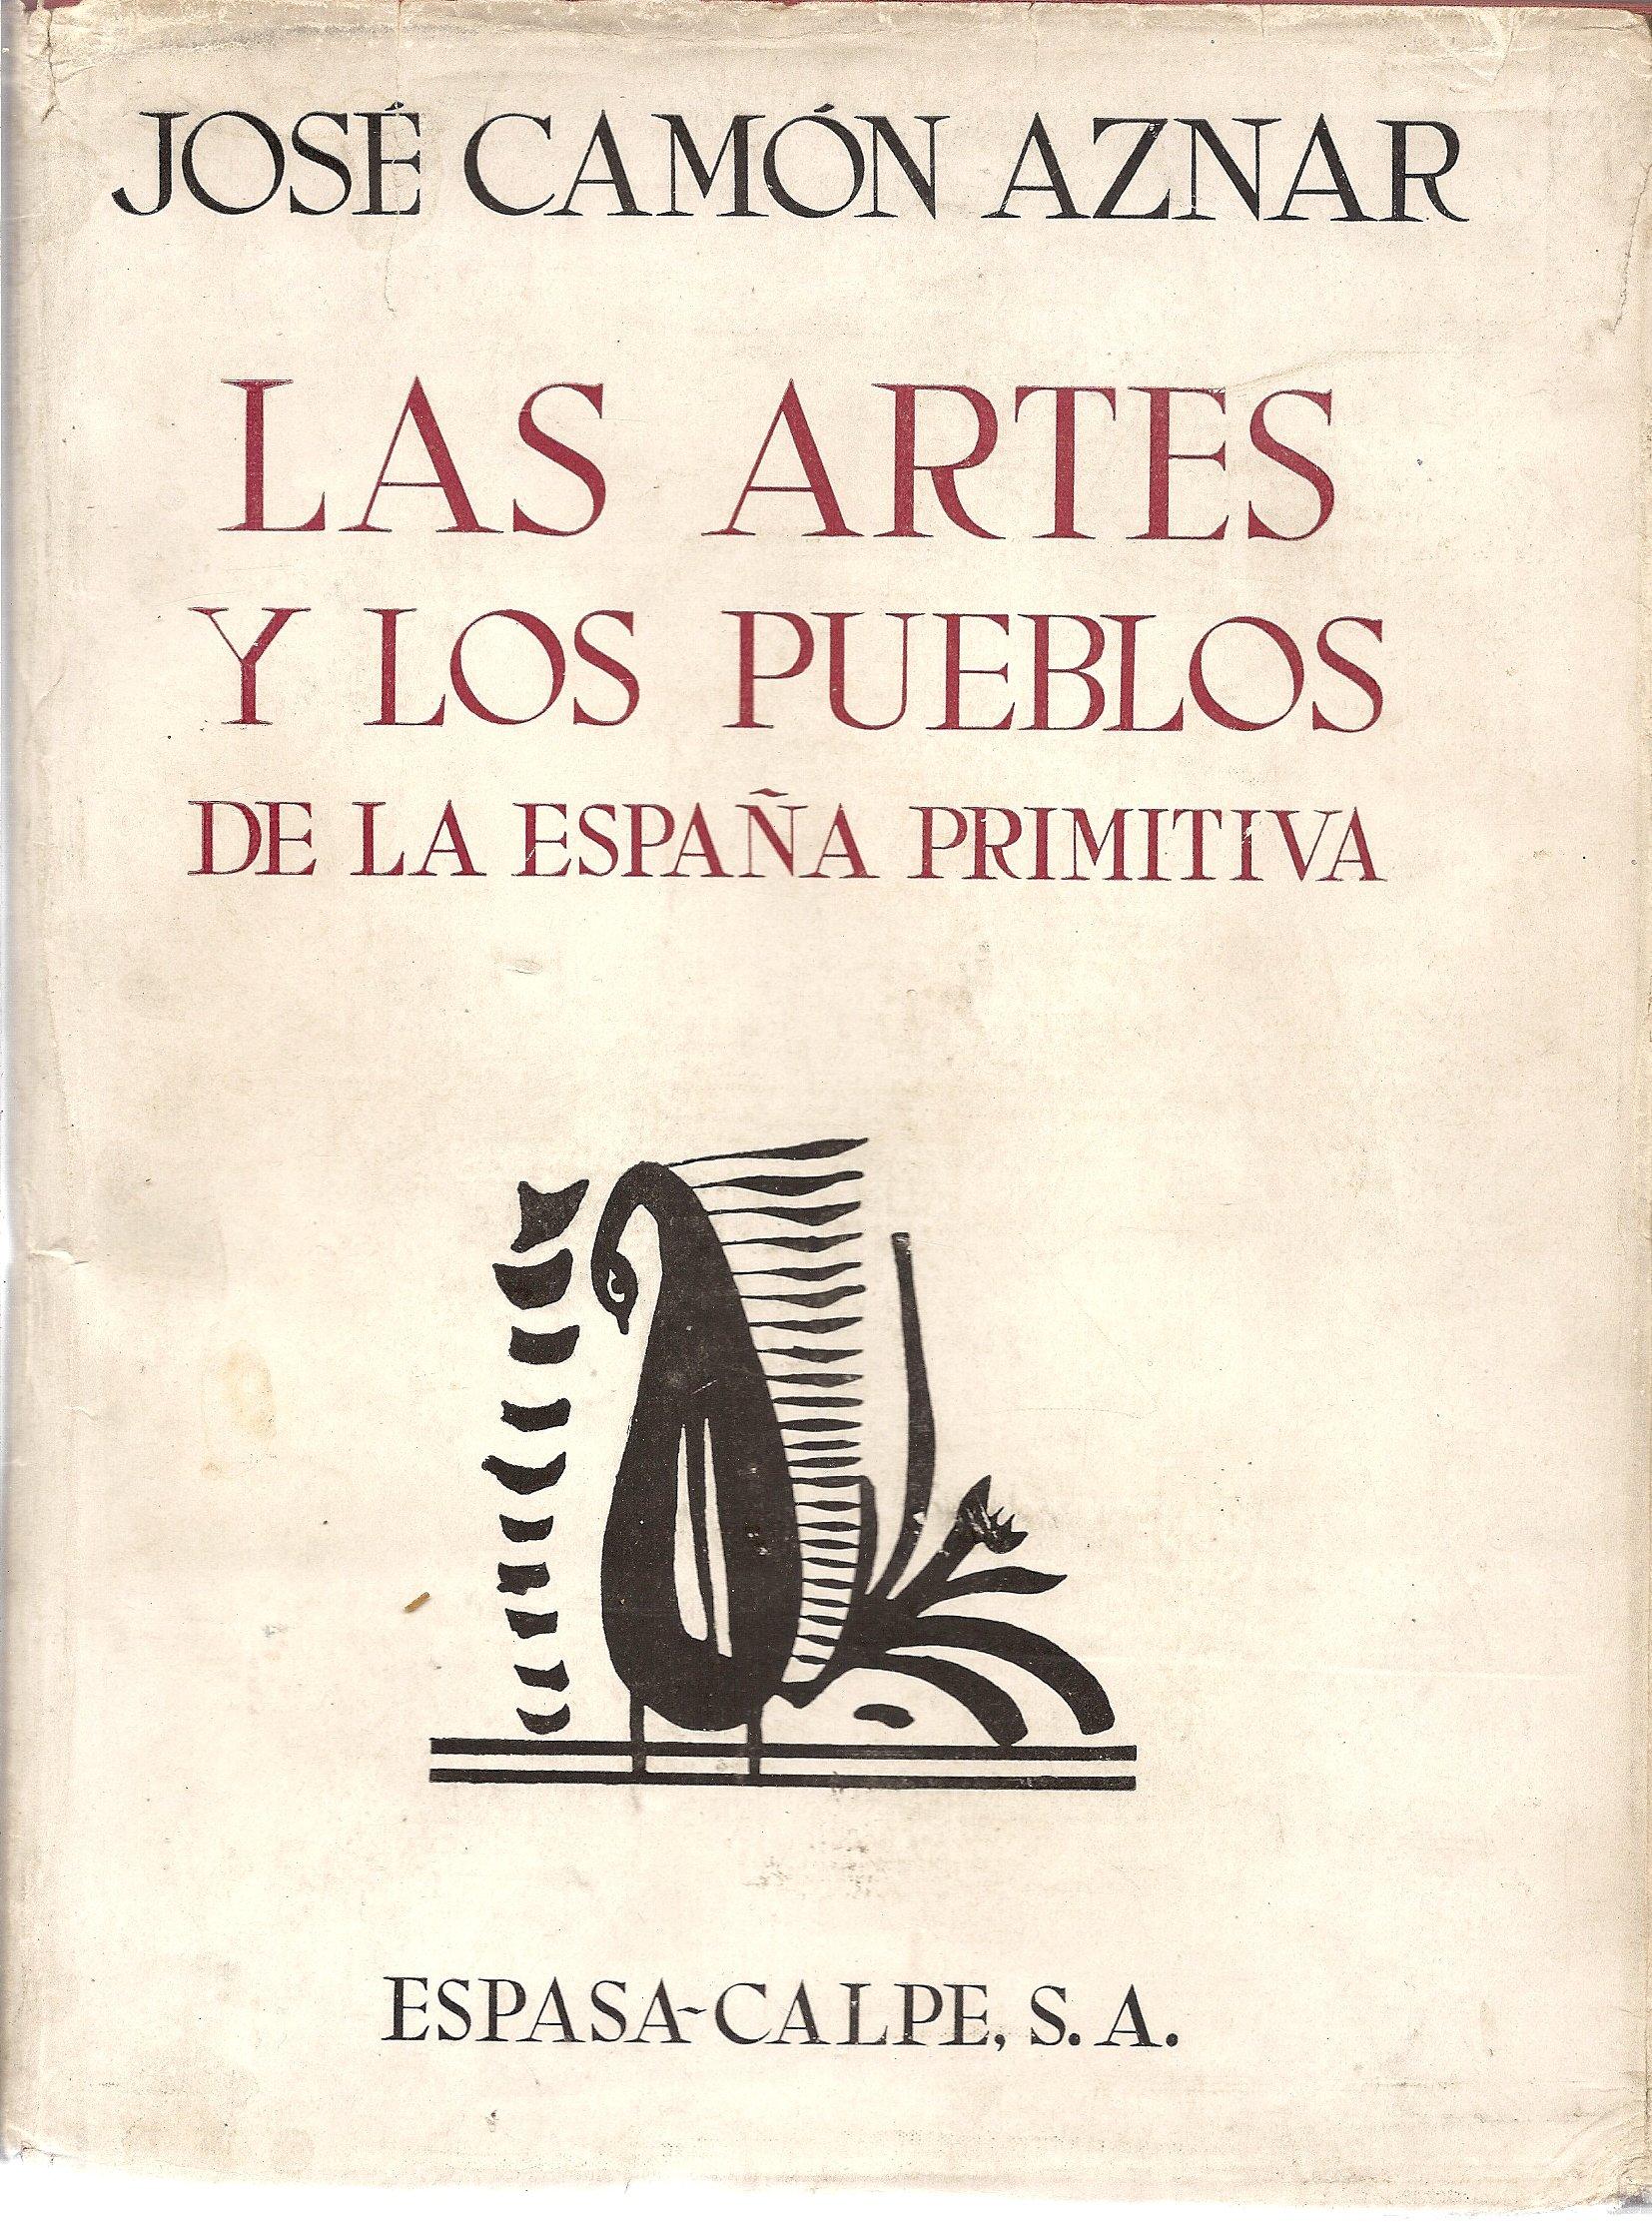 Las artes y los pueblos de la España primitiva: Amazon.es: Camón Aznar, José: Libros